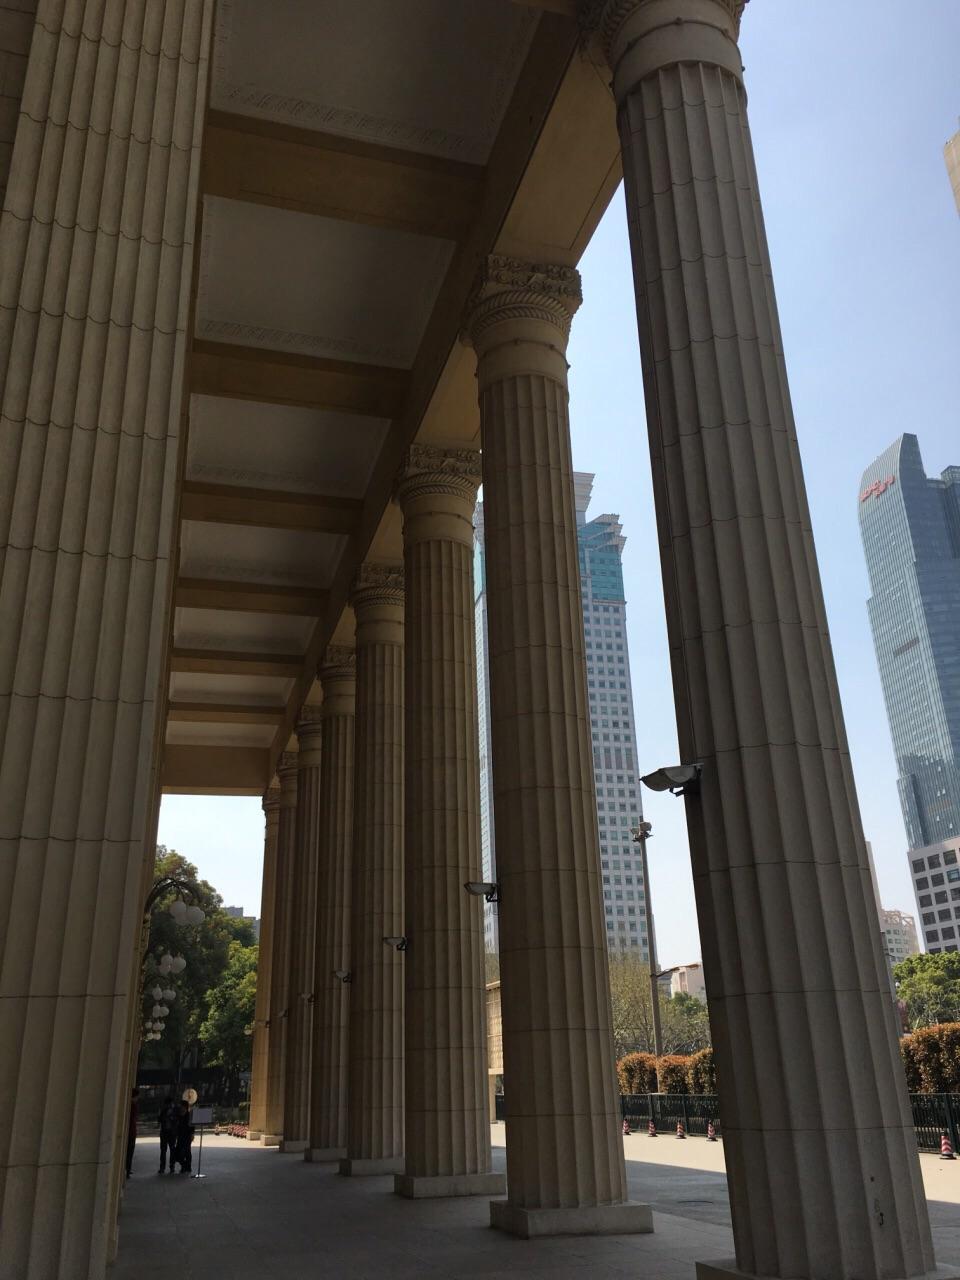 这个建筑最为突出的特点,就是外面有一排宏大的罗马柱,顶天立地非常的